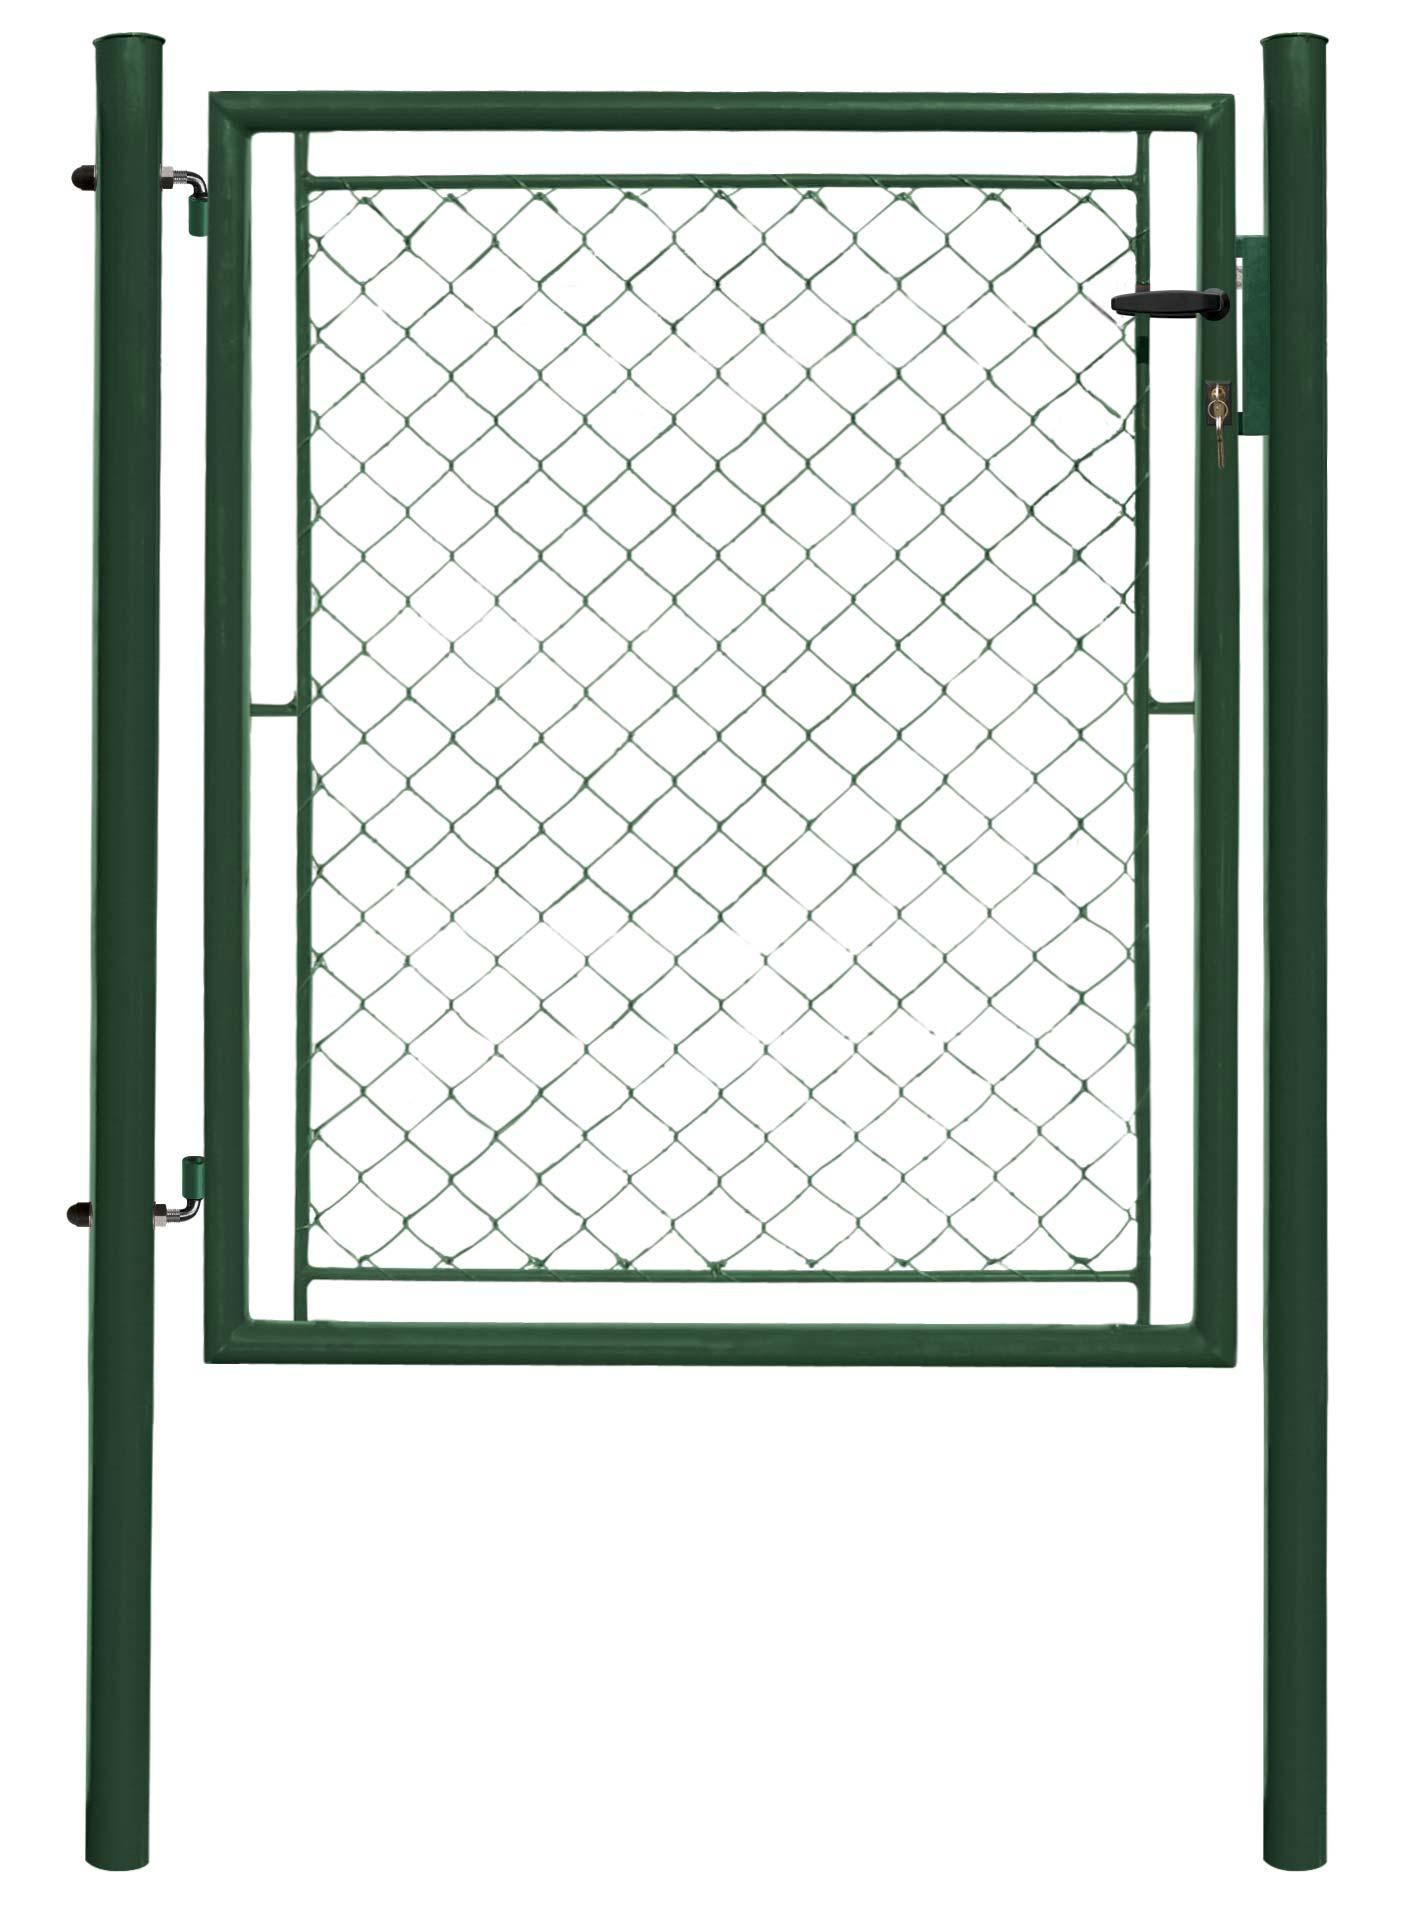 Branka IDEAL jednokřídlá 1085x1750,Zn+PVC, zelená 22Kg